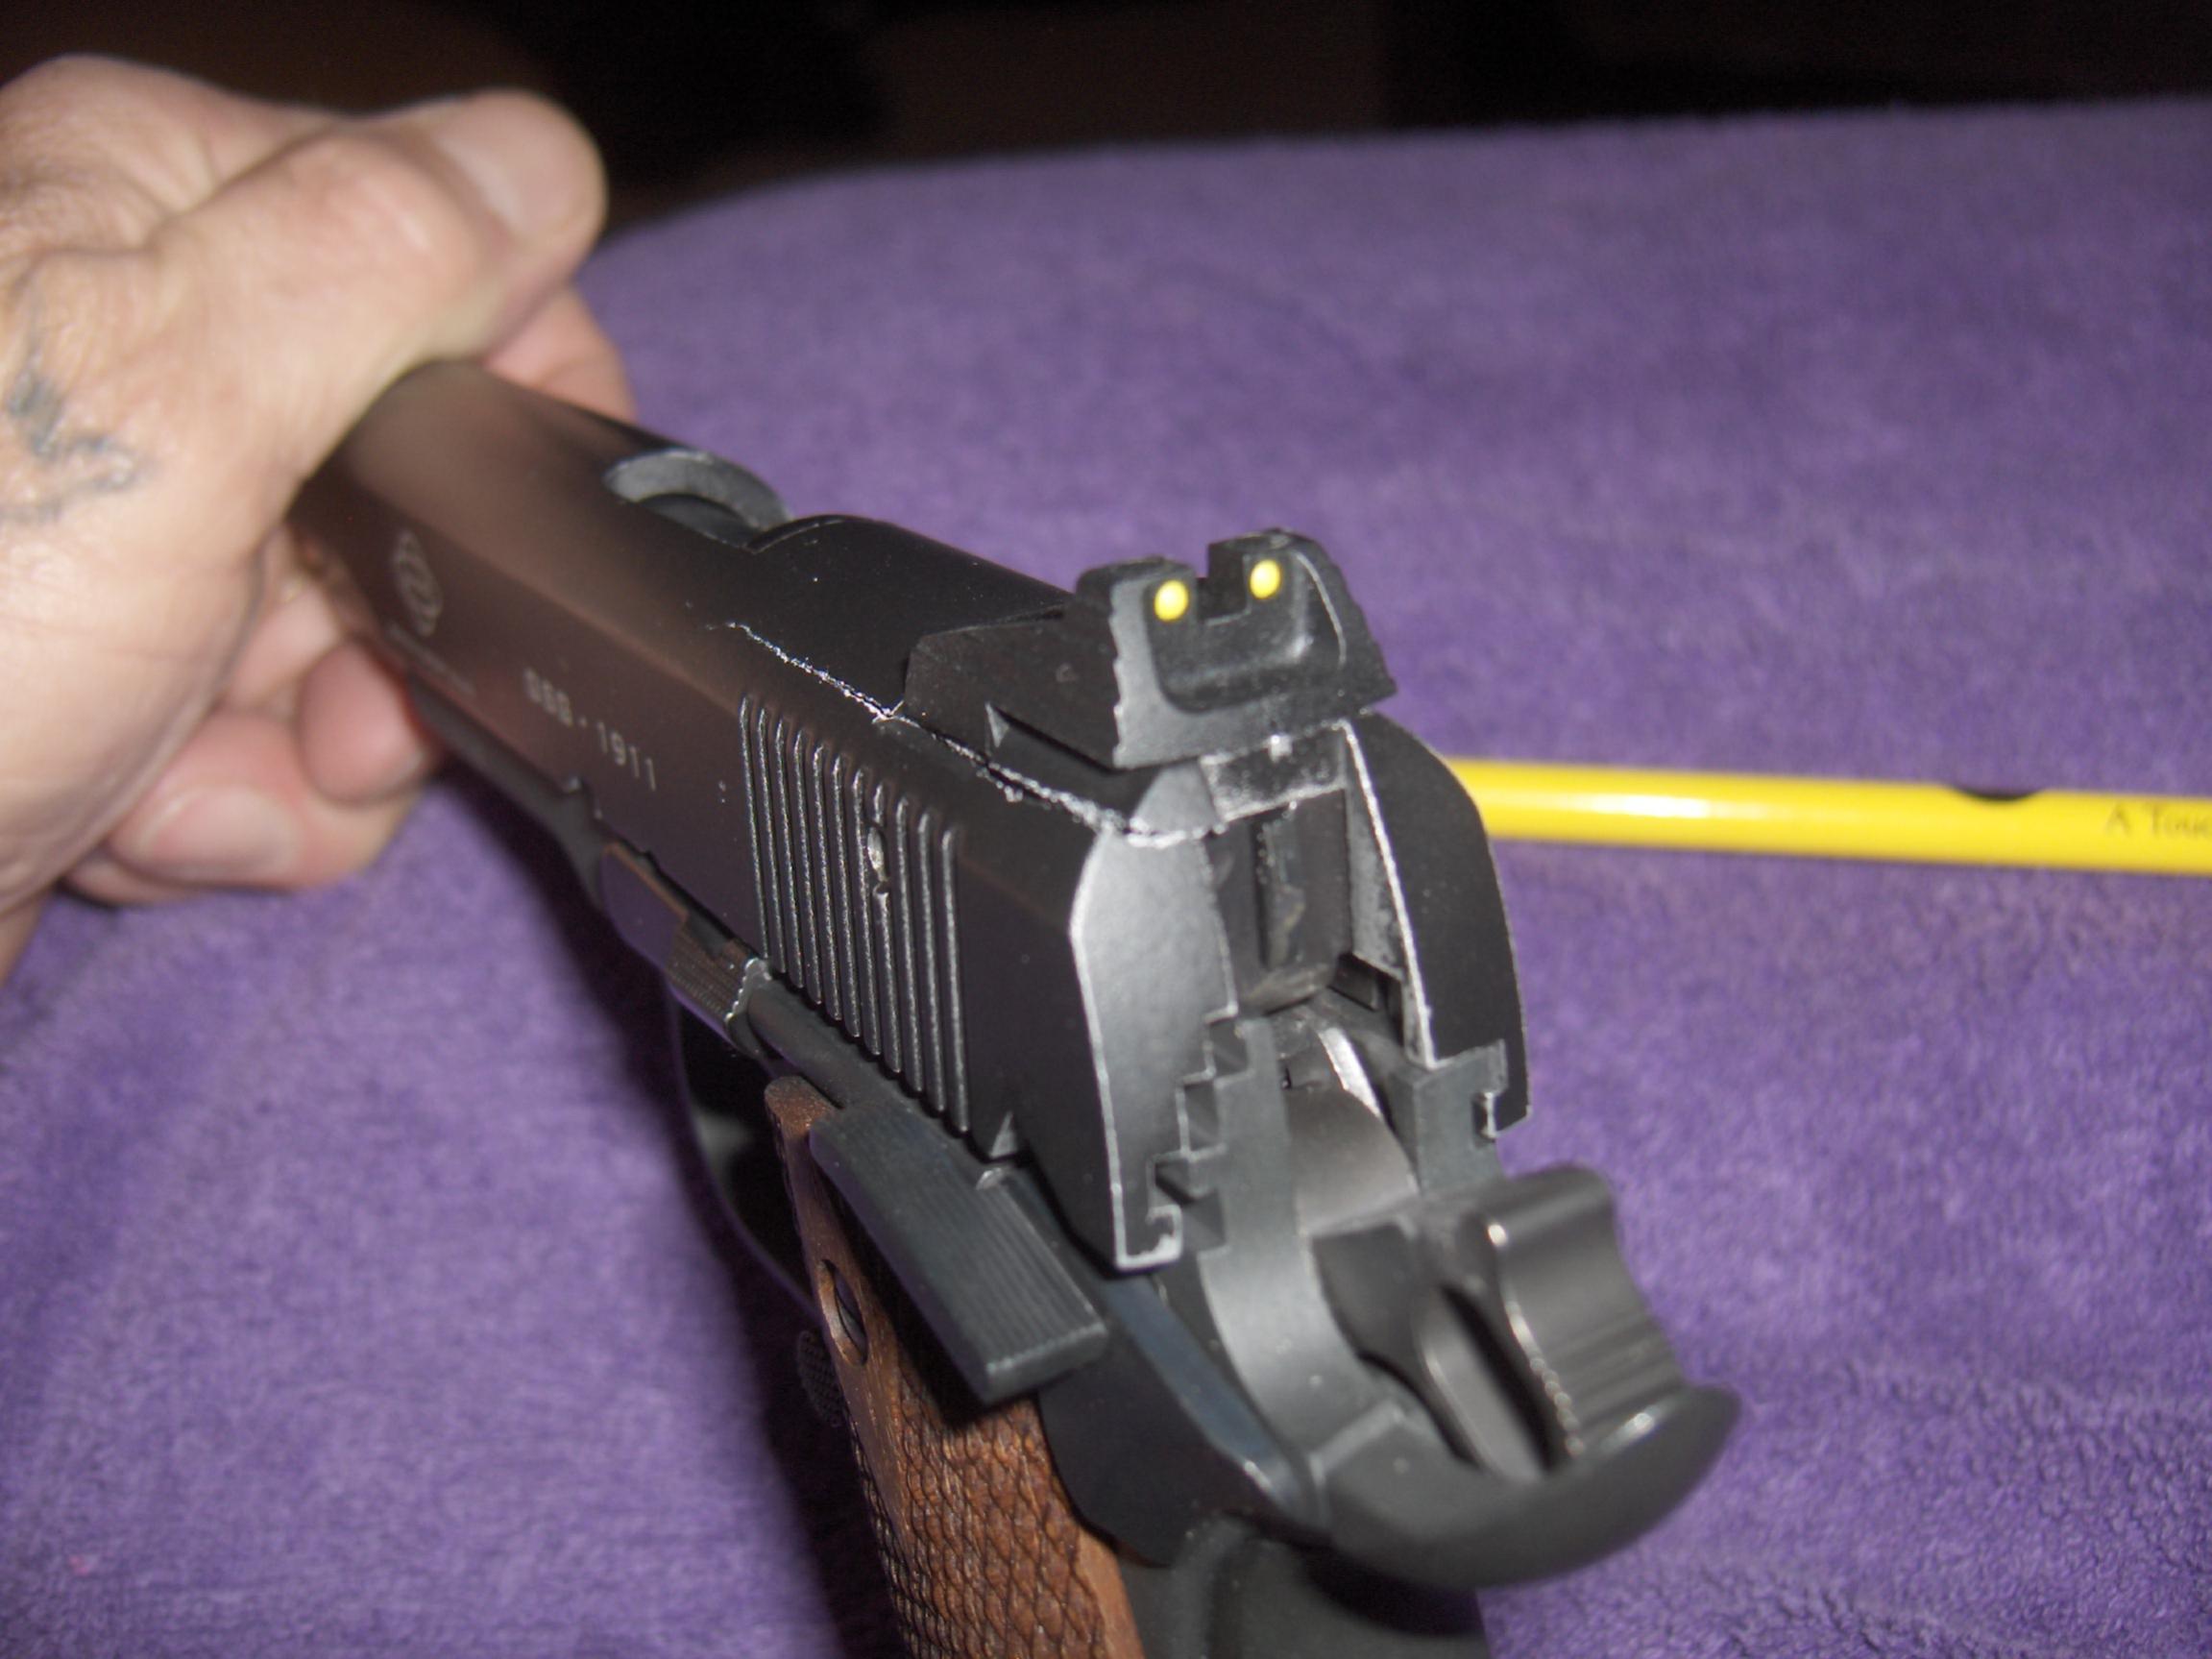 Gsg 1911 22  slide cracked-hpim0653.jpg